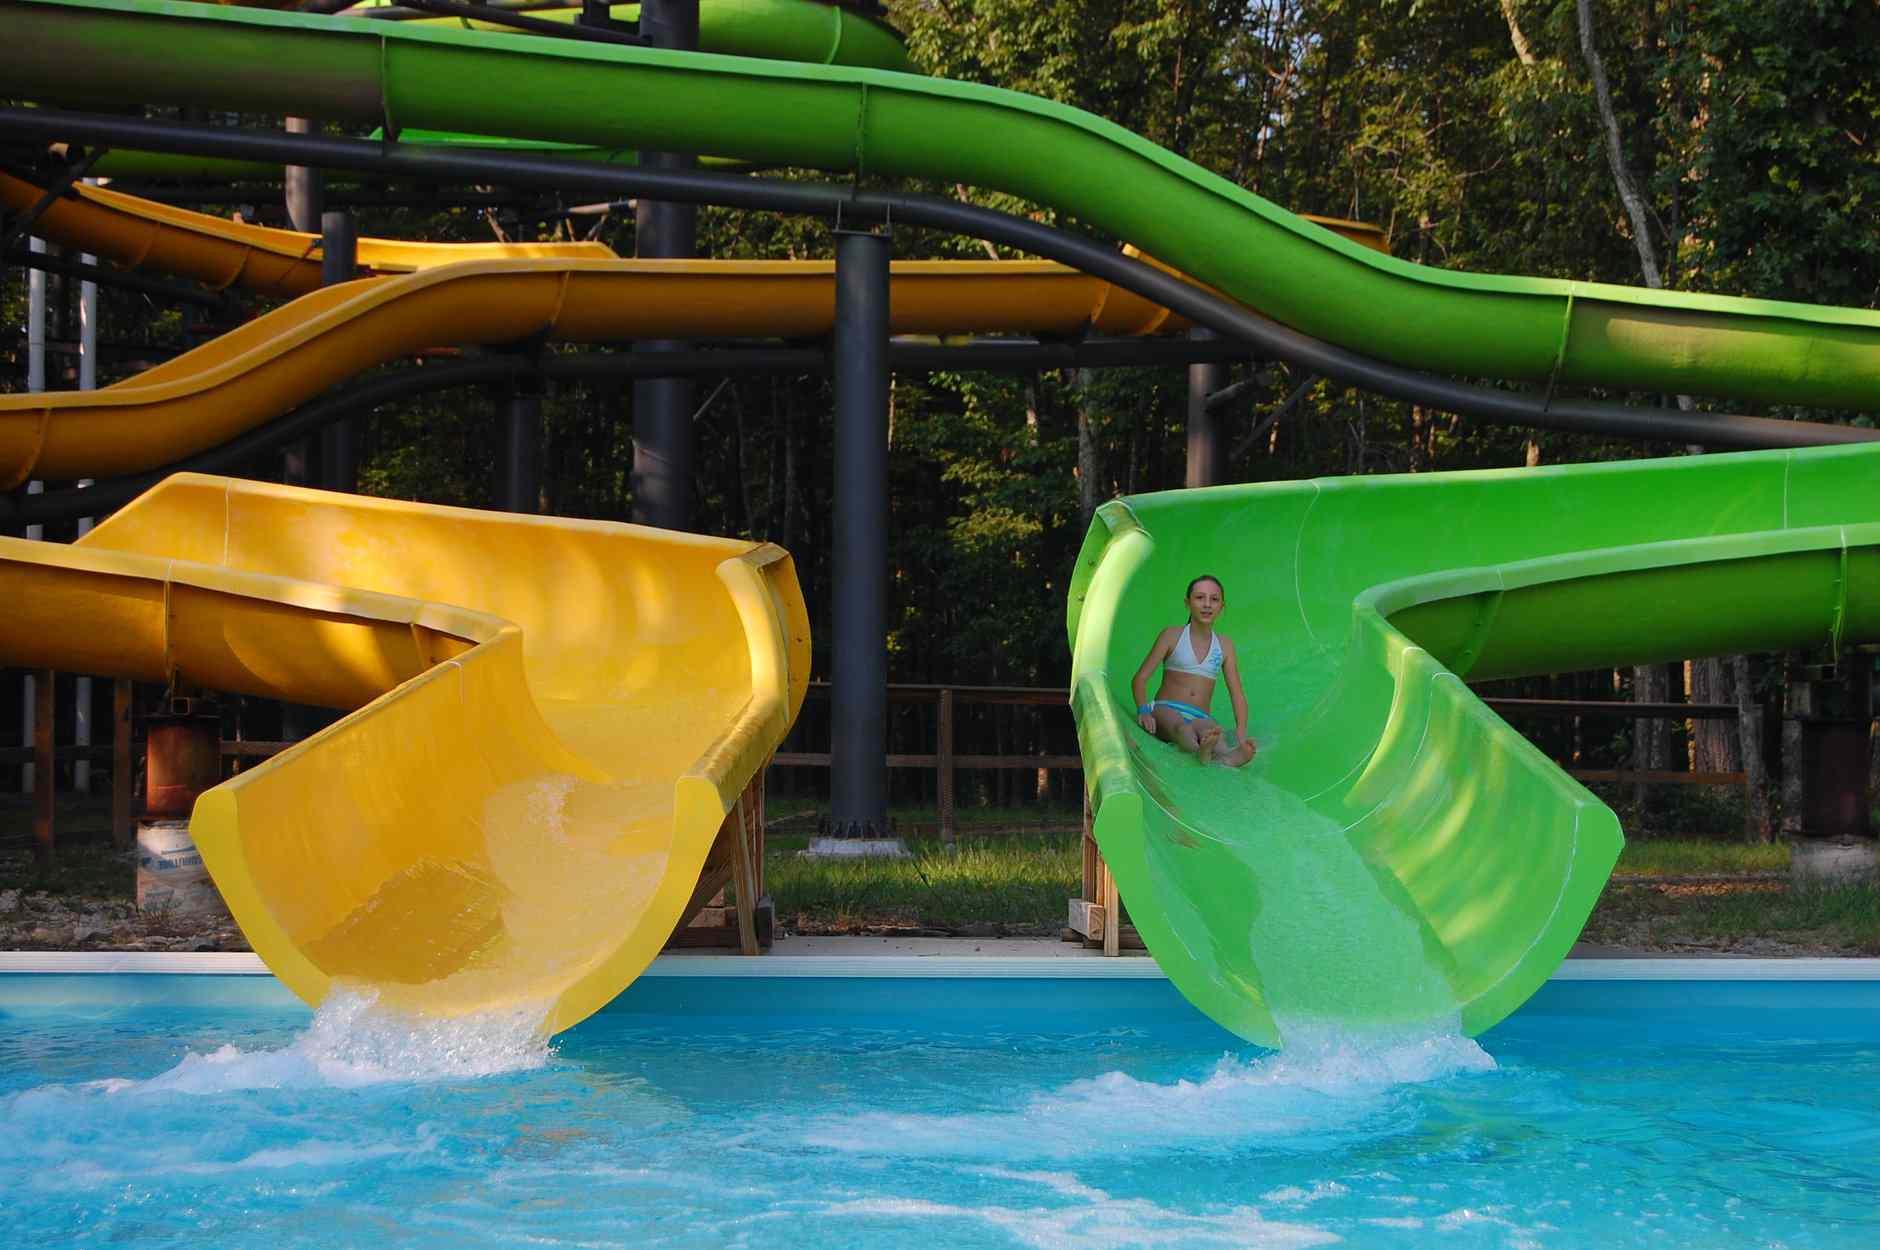 Costa's Family Fun Park in Hawley